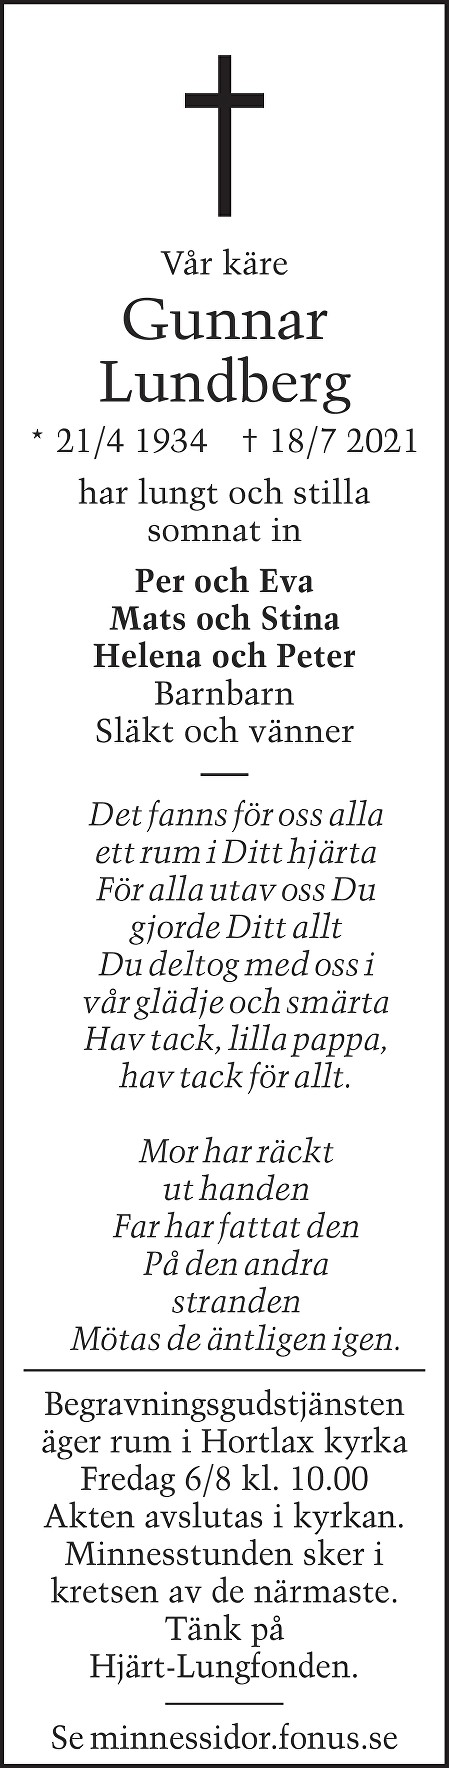 Bengt Gunnar Lundberg Death notice